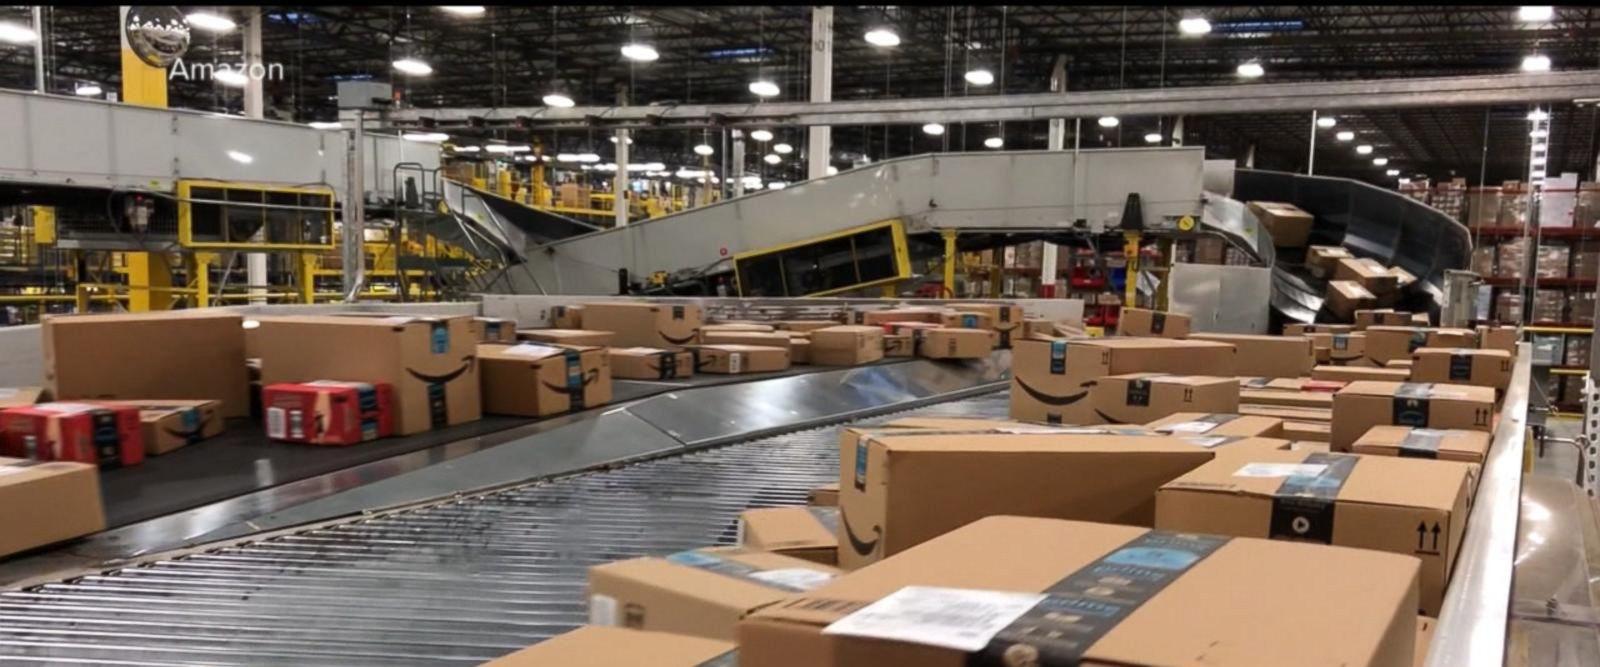 VIDEO: Amazon: Prime Day breaking records despite computer glitches